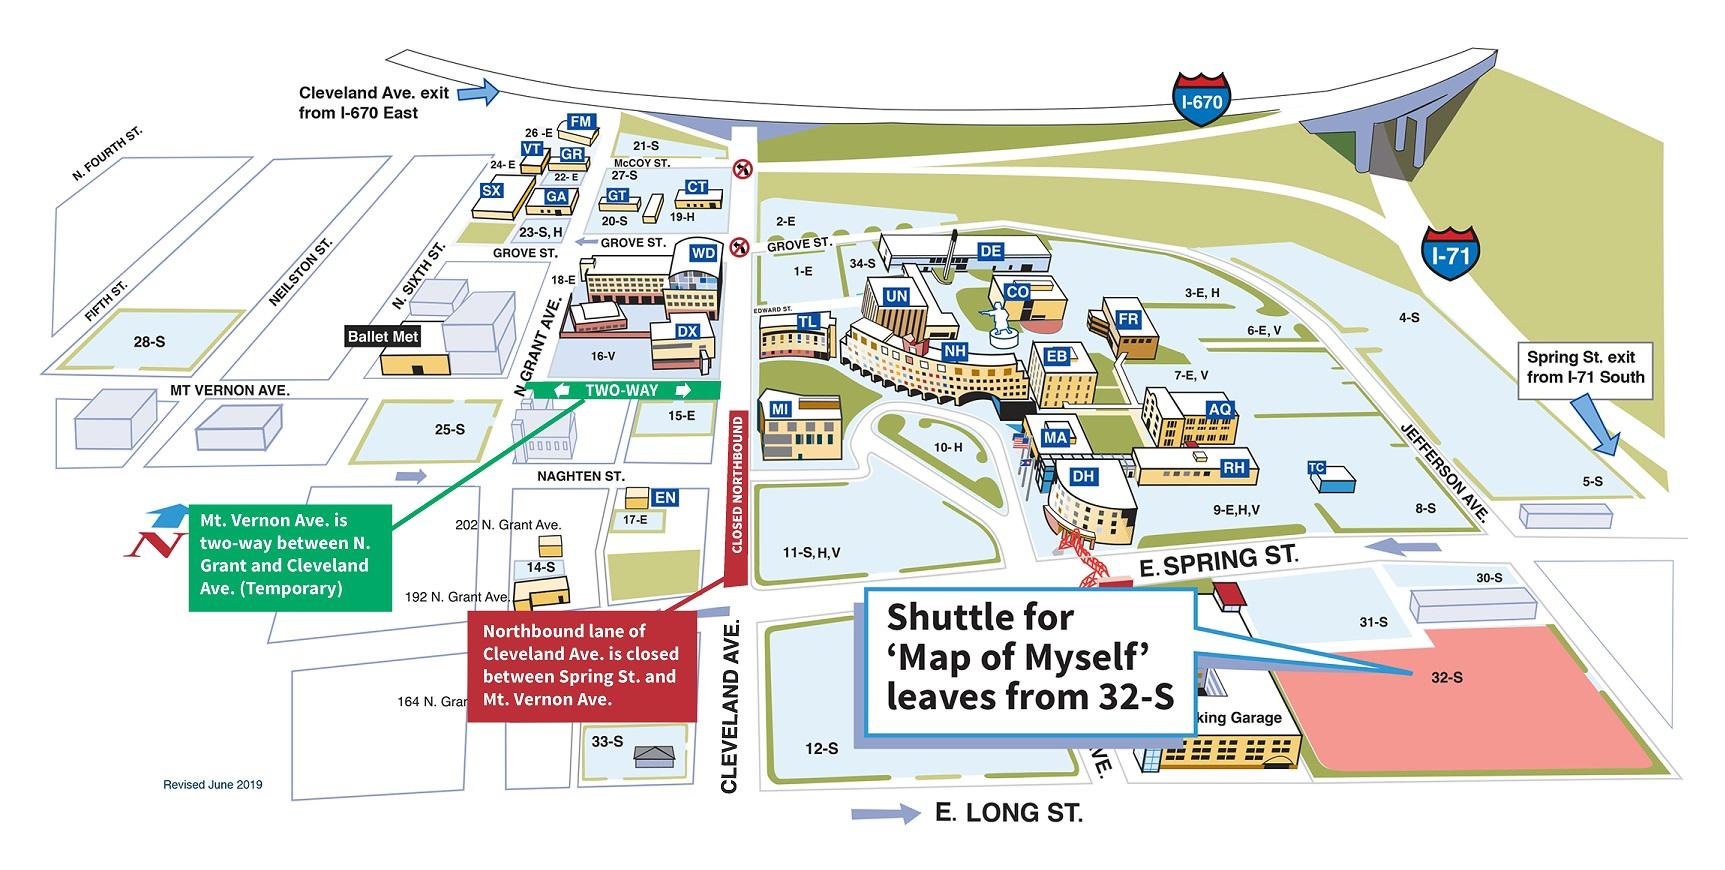 32-S lot is on long street.